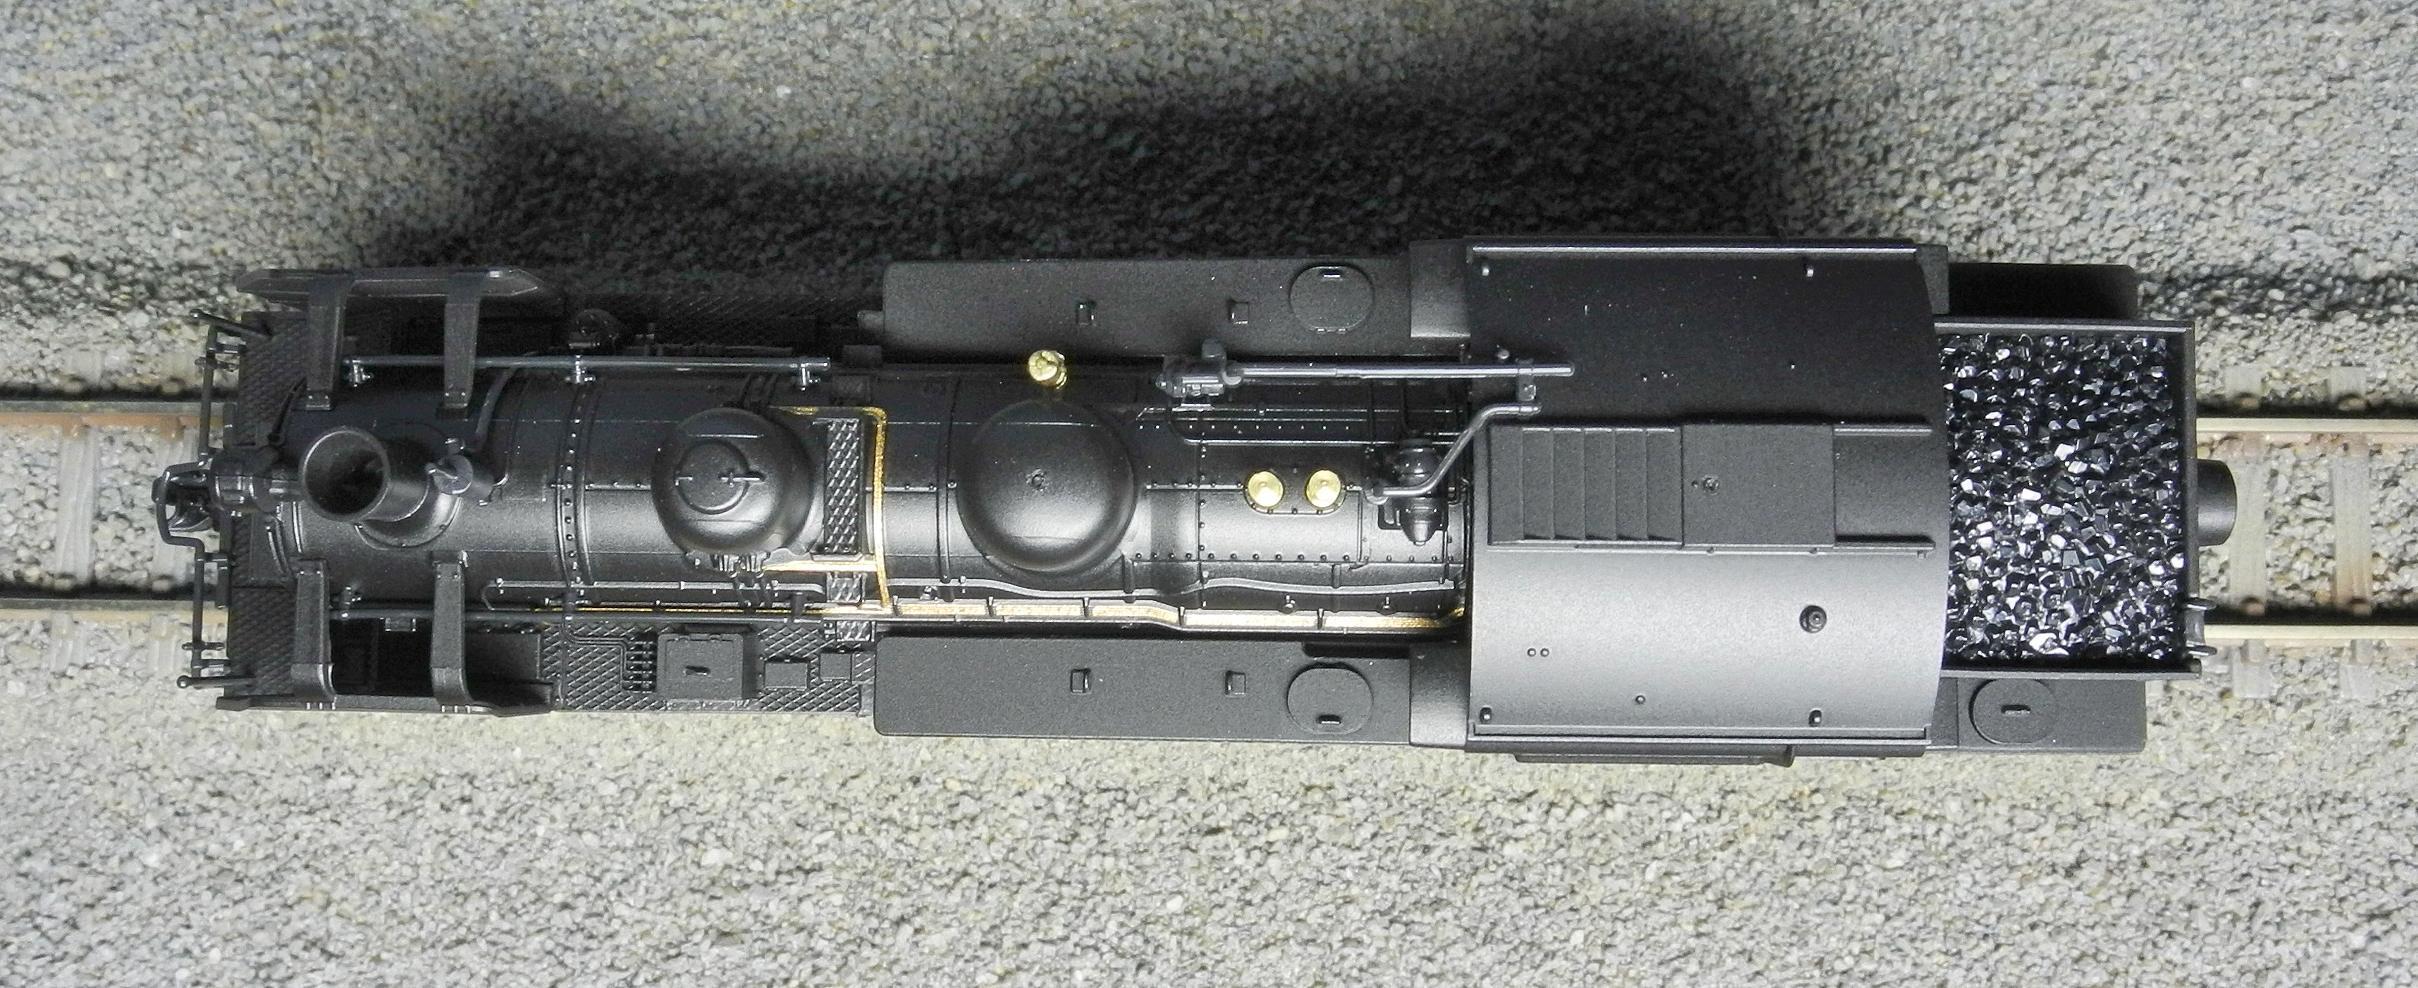 DSCN8841-1.jpg